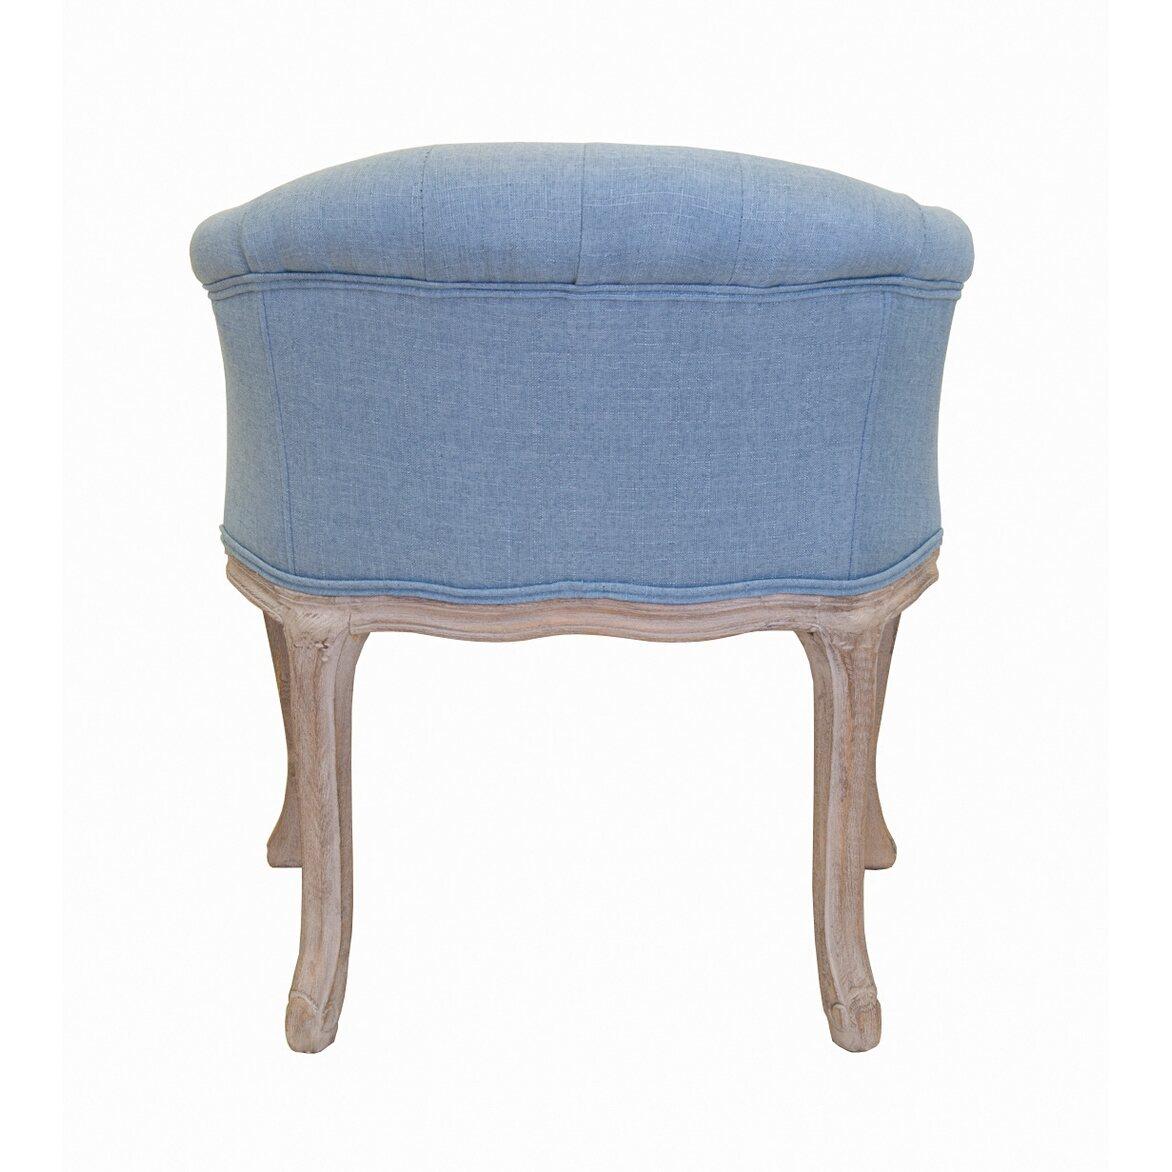 Низкое кресло Kandy light blue 4 | Маленькие кресла Kingsby